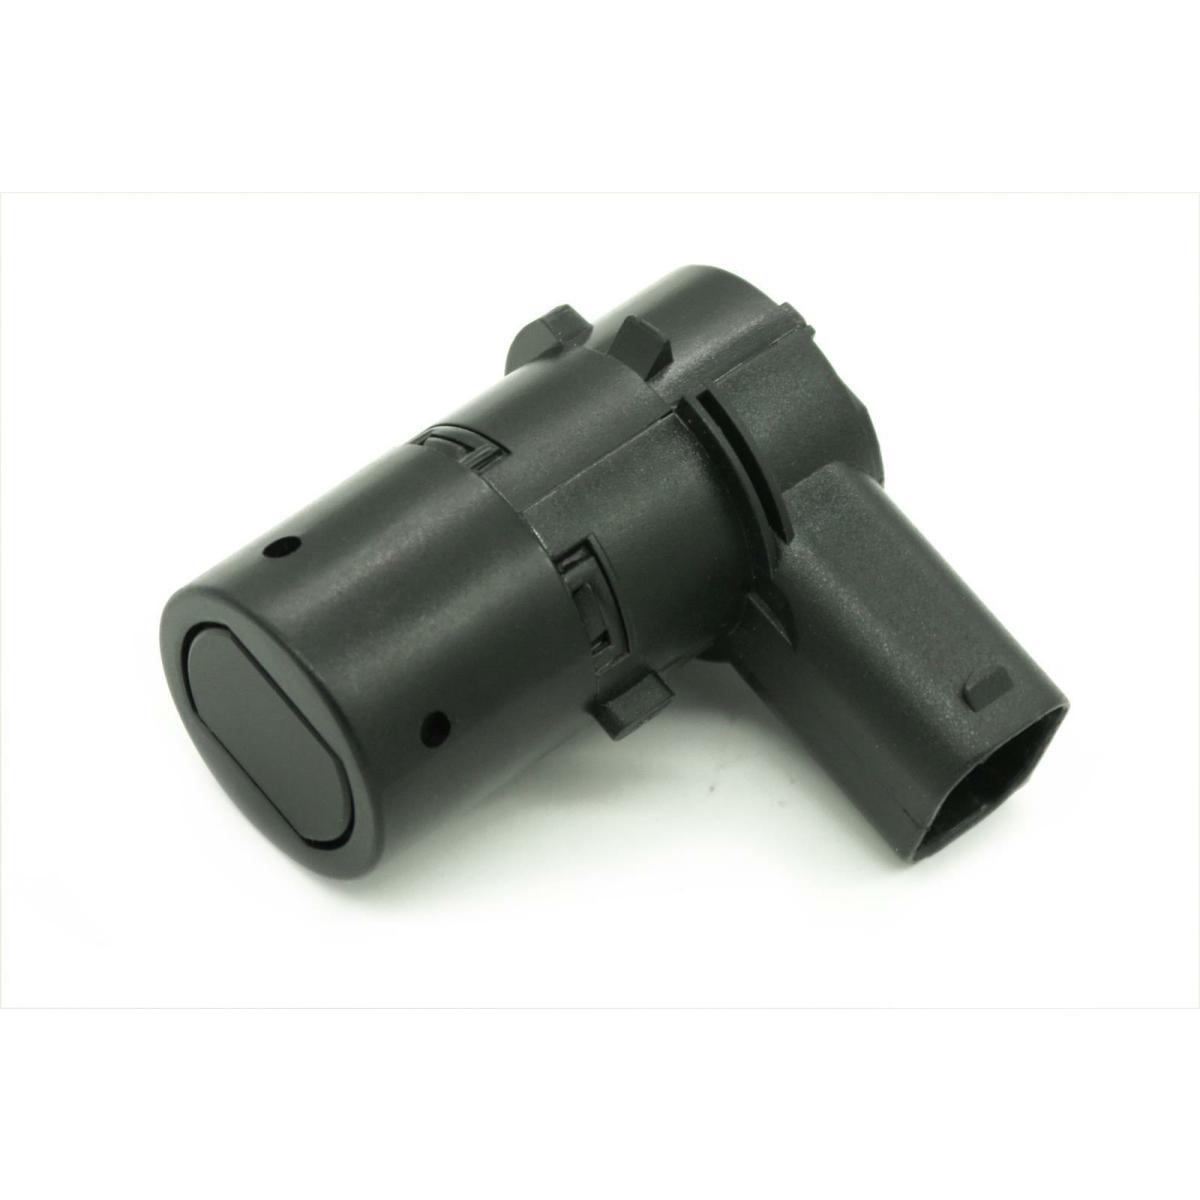 Park sensor 3F2Z-15K859-BA for Ford, Lincoln PDC Parktronic